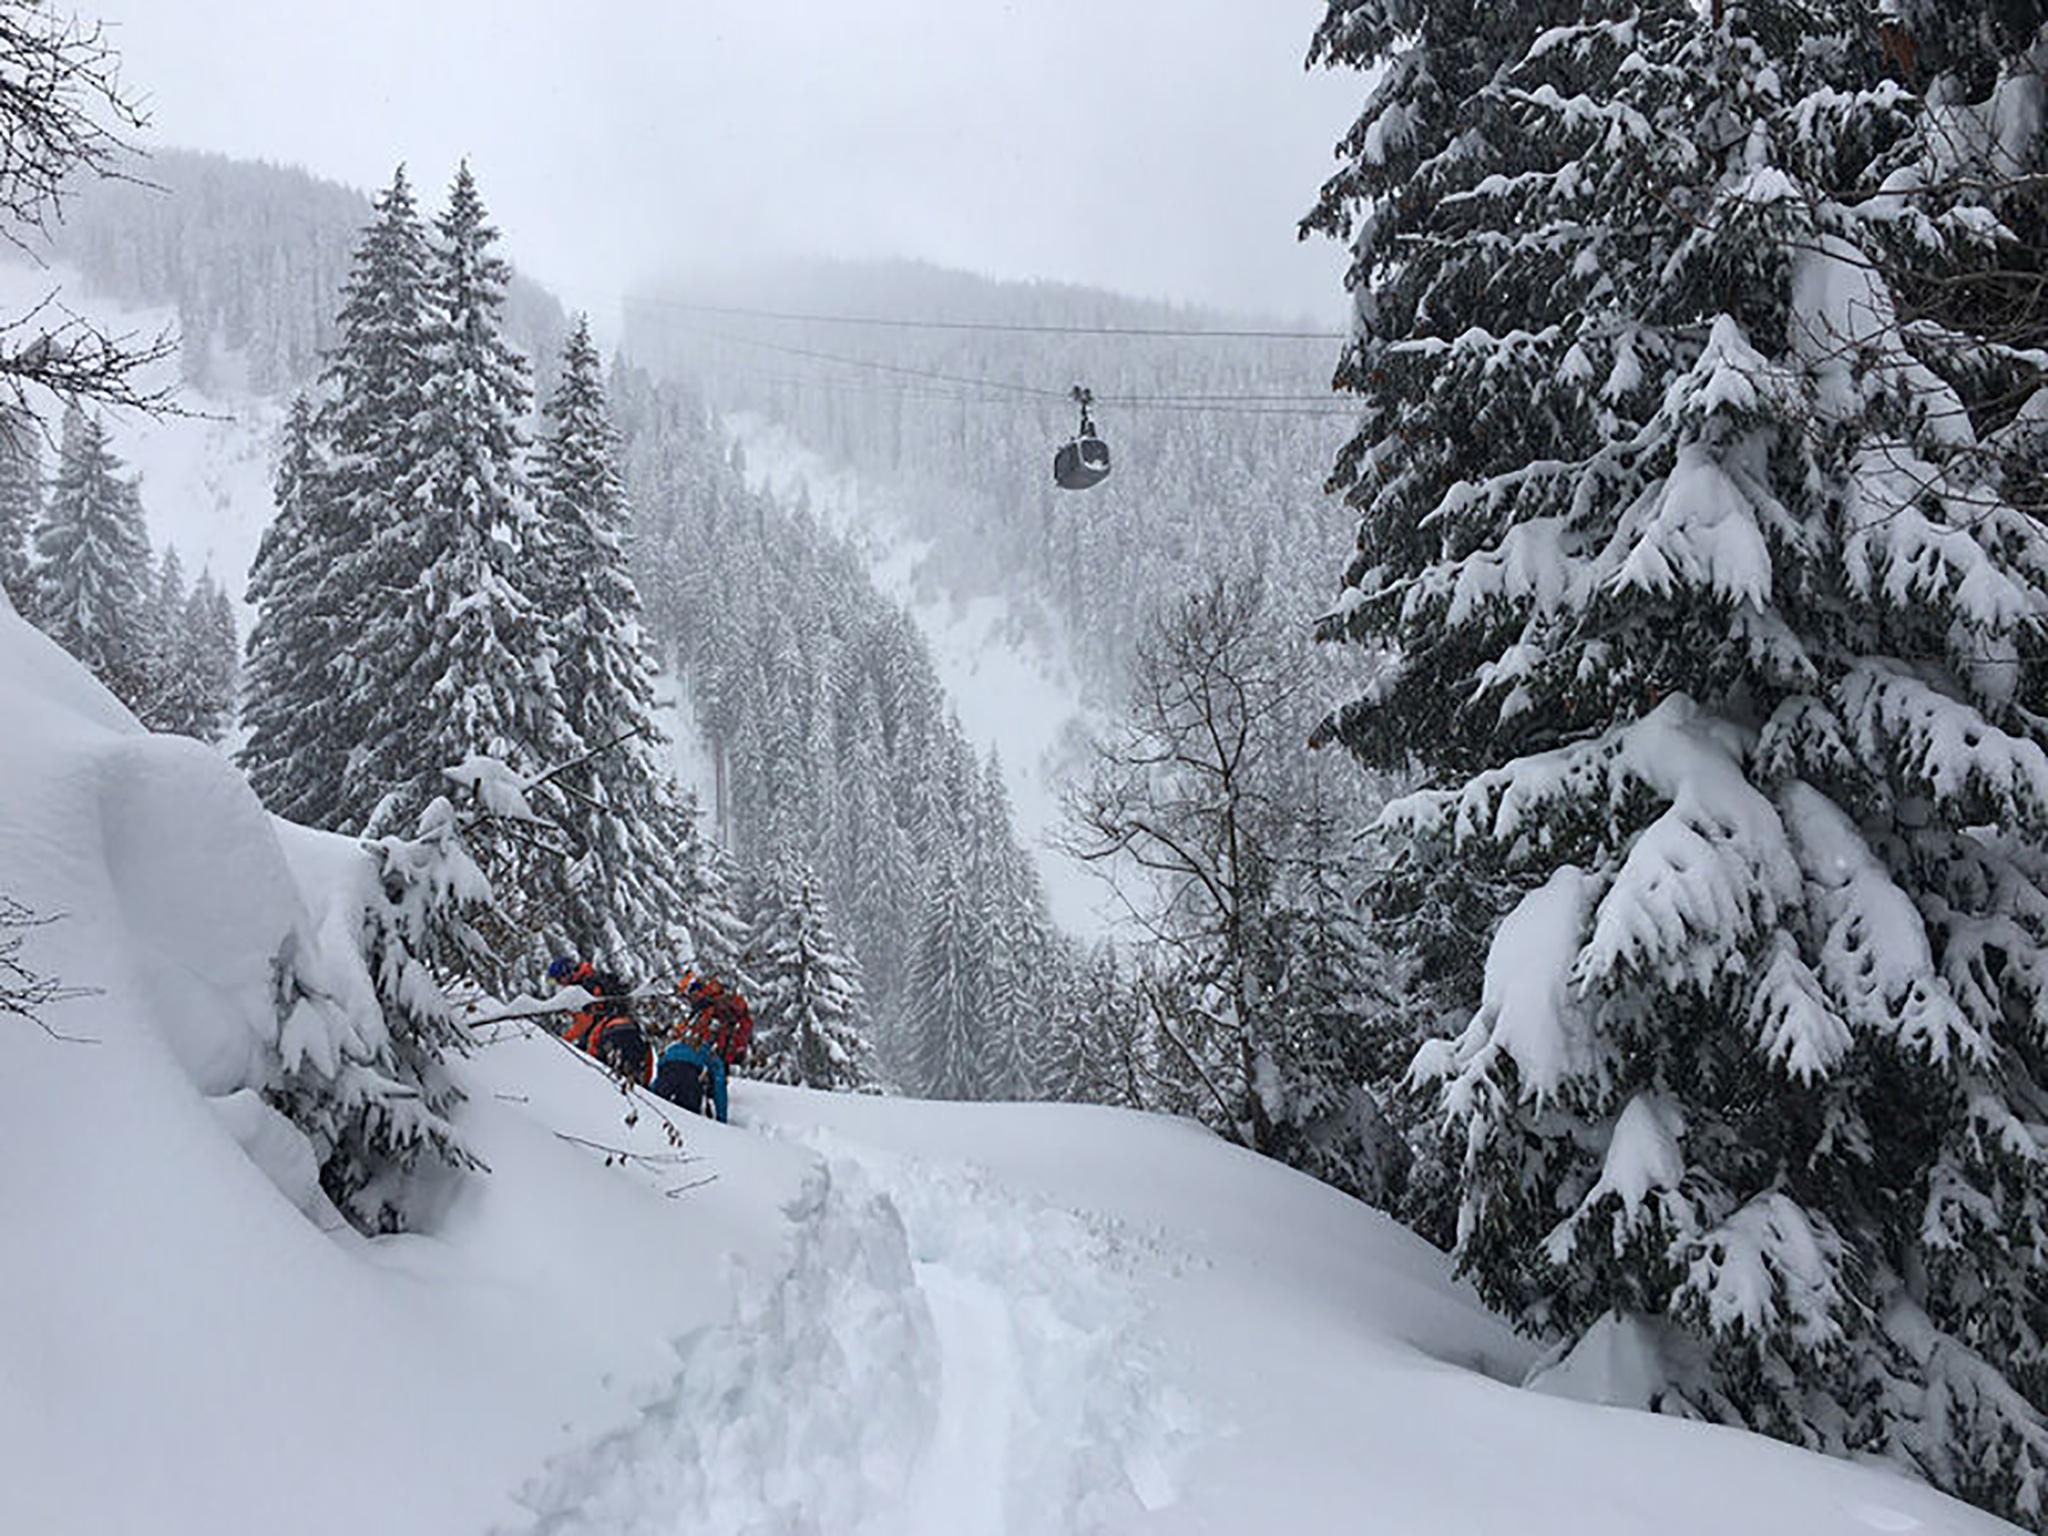 Der Snowboarder wurde von einem Seilbahnmitarbeiter von einer Gondel aus entdeckt. Foto: Österreichischer Bergrettungsdienst, Landesorganisation Salzburg